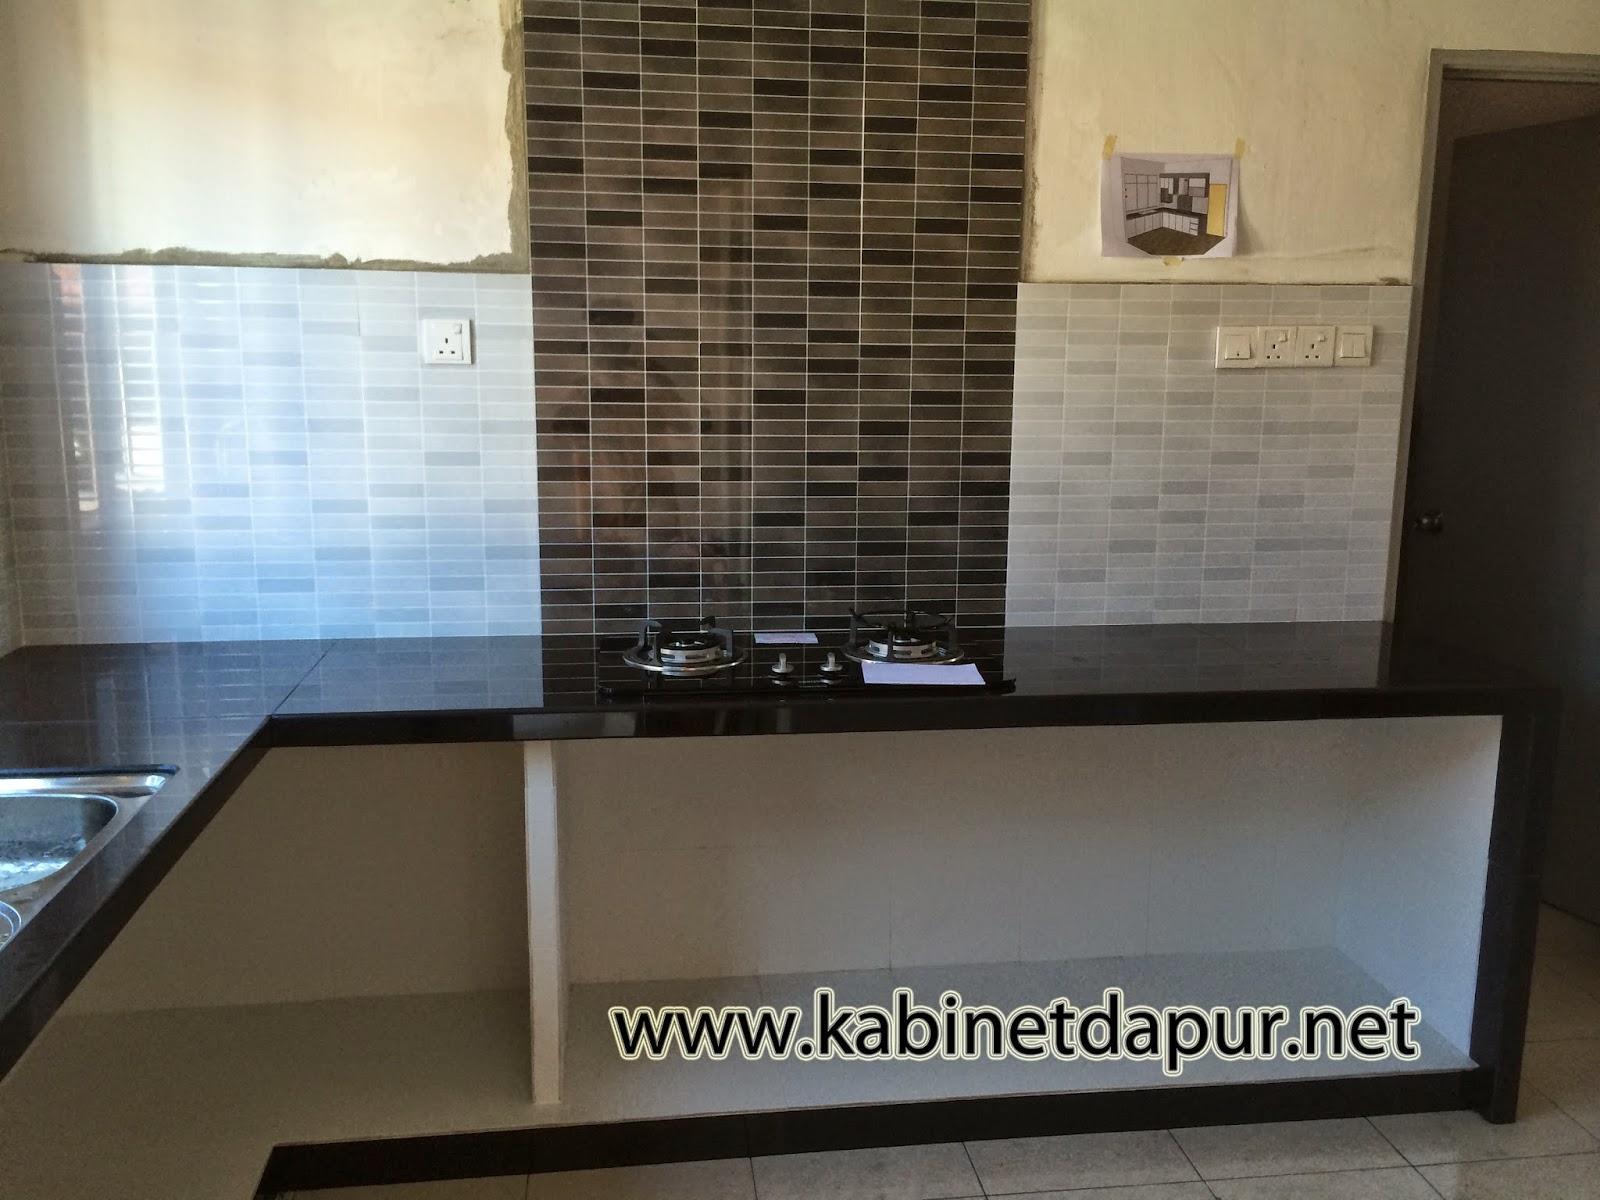 Kontraktor Kabinet Dapur U Pinang Desainrumahid